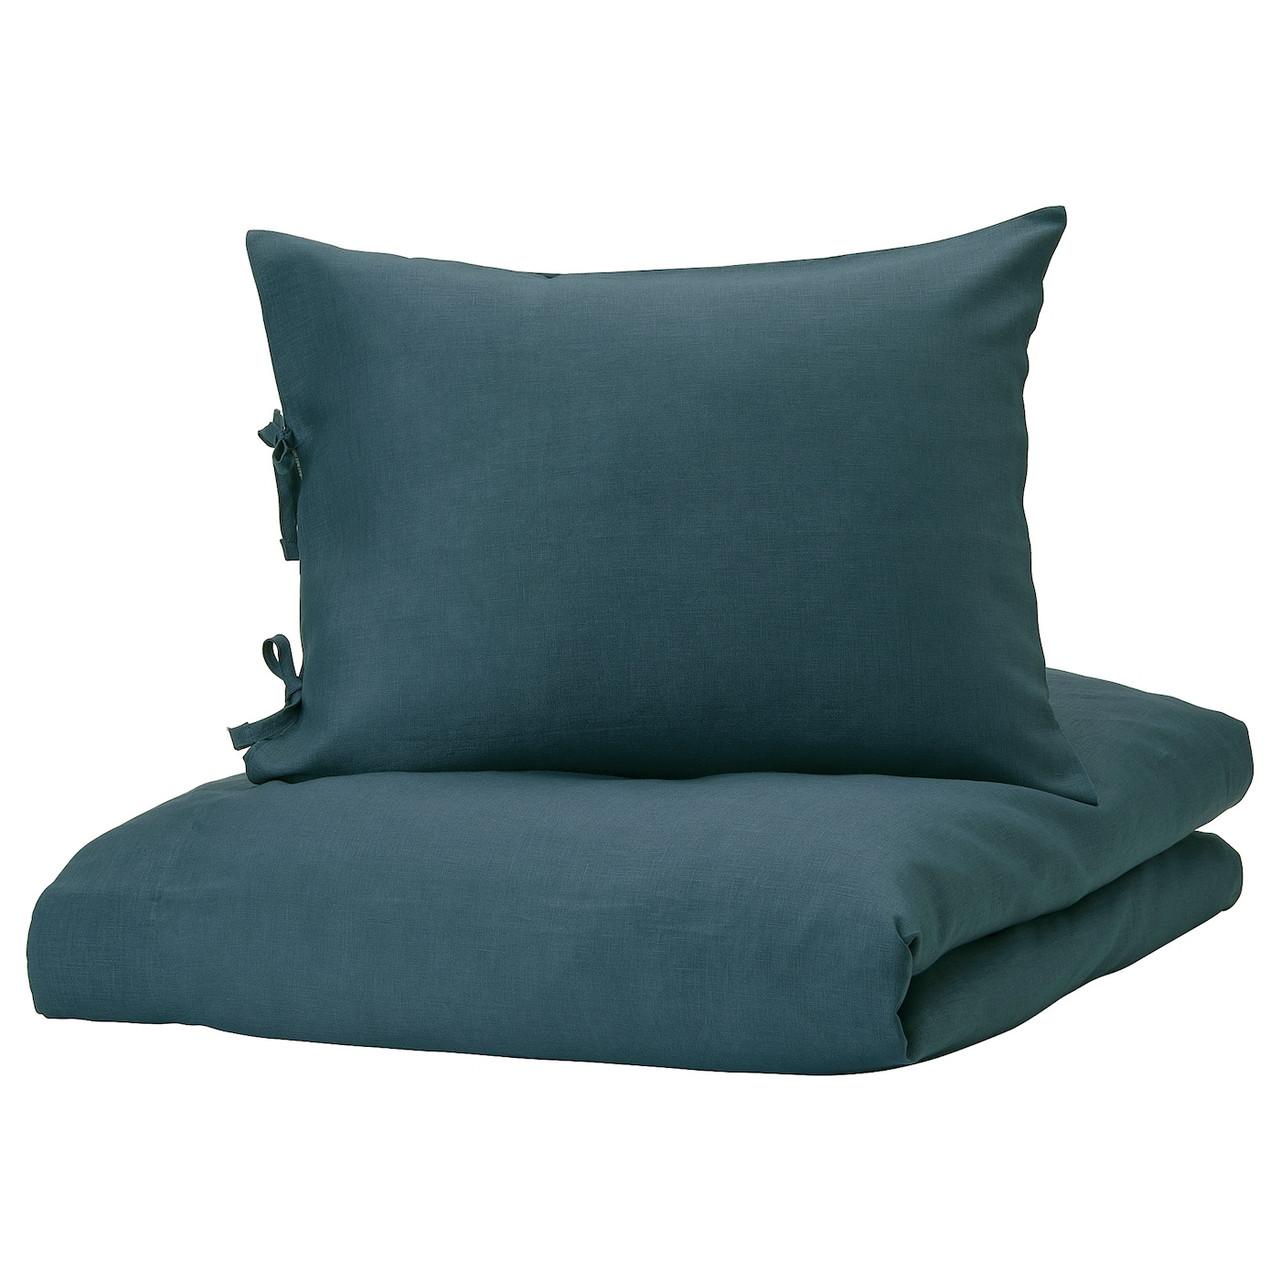 IKEA PUDERVIVA Комплект постельного белья, темно-синий, 150x200/50x60 см